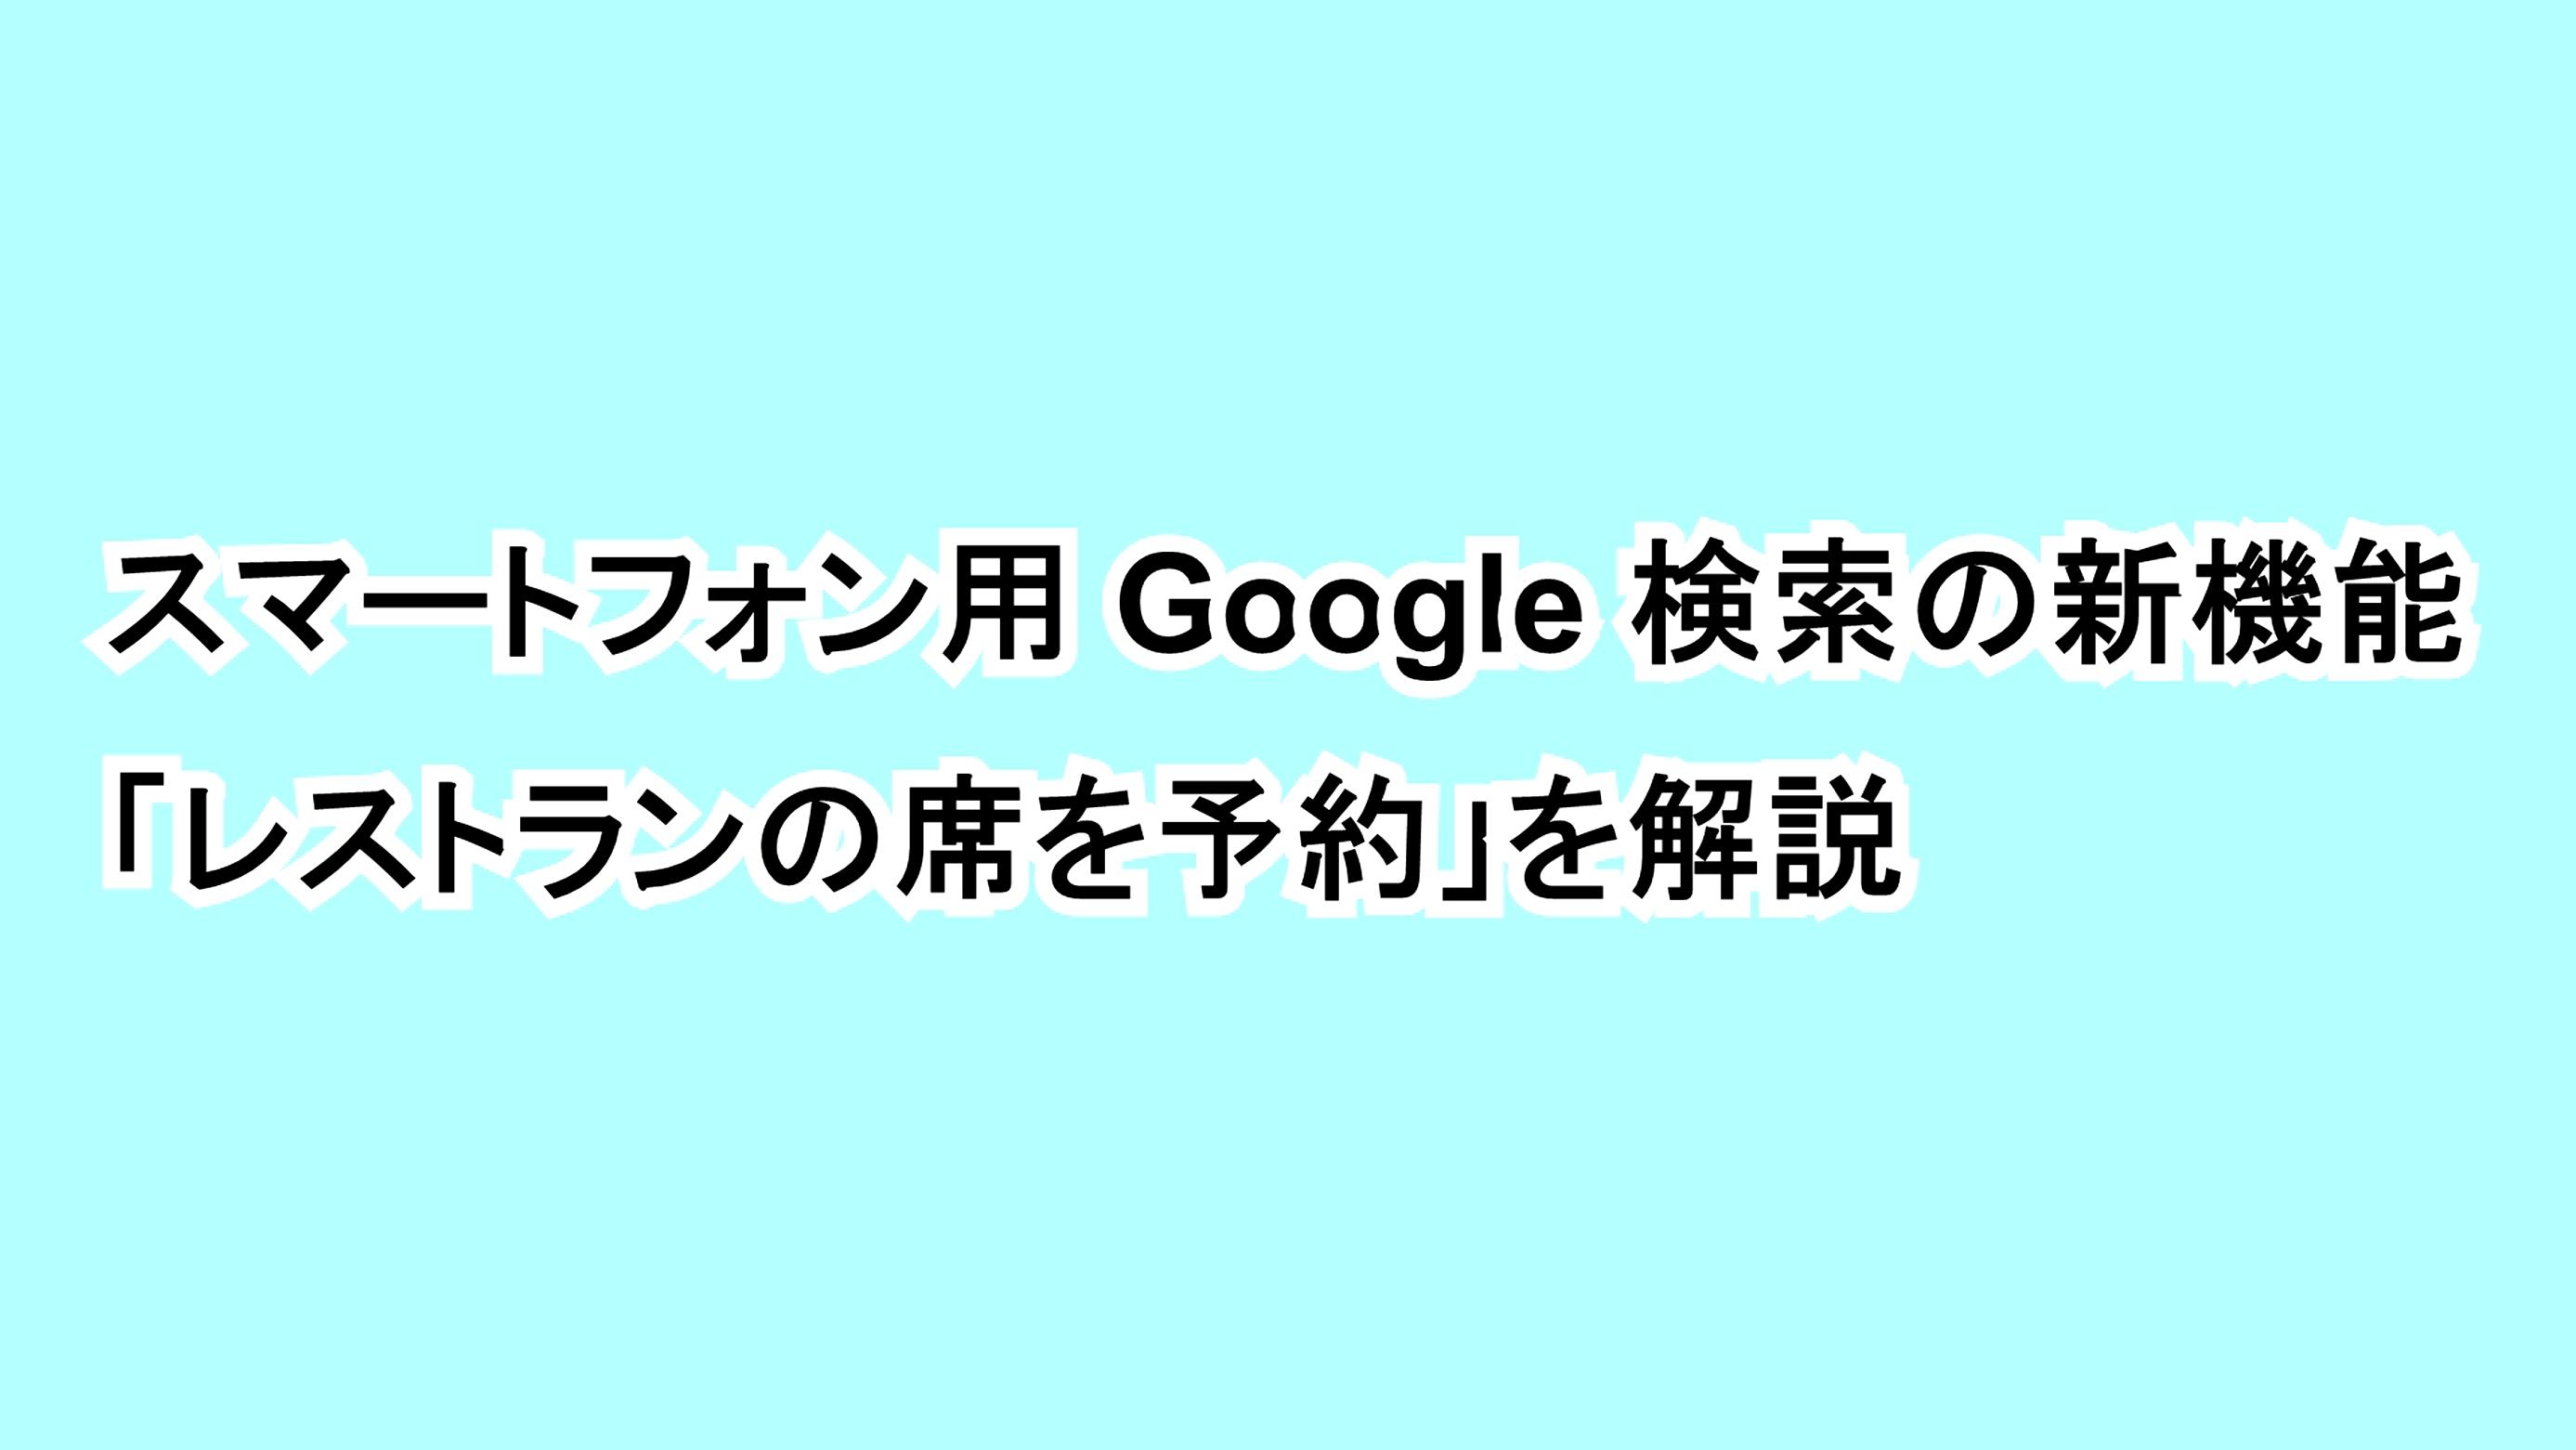 スマートフォン用Google 検索の新機能「レストランの席を予約」を解説